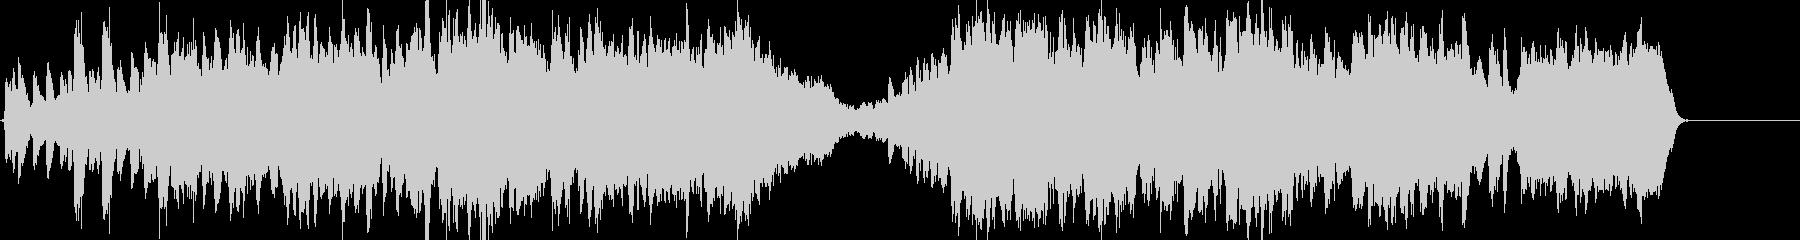 バロック風 上品なクラシックの未再生の波形